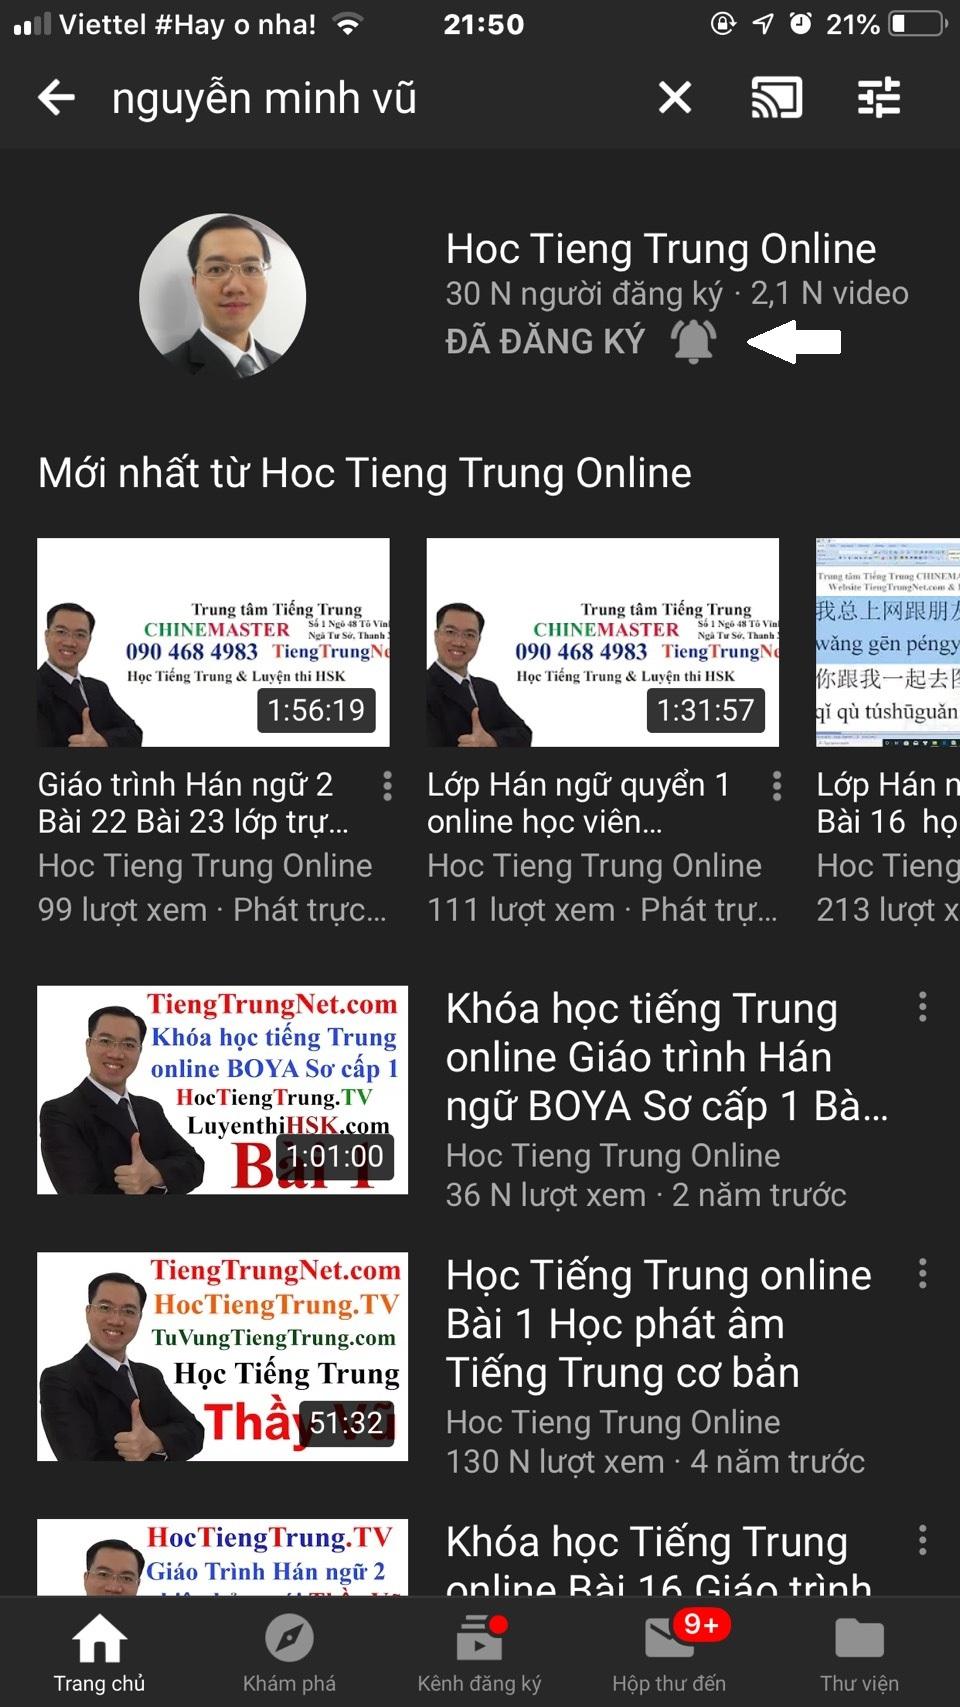 Cách bật chuông và đăng ký Kênh Youtube học tiếng Trung trực tuyến Thầy Nguyễn Minh Vũ